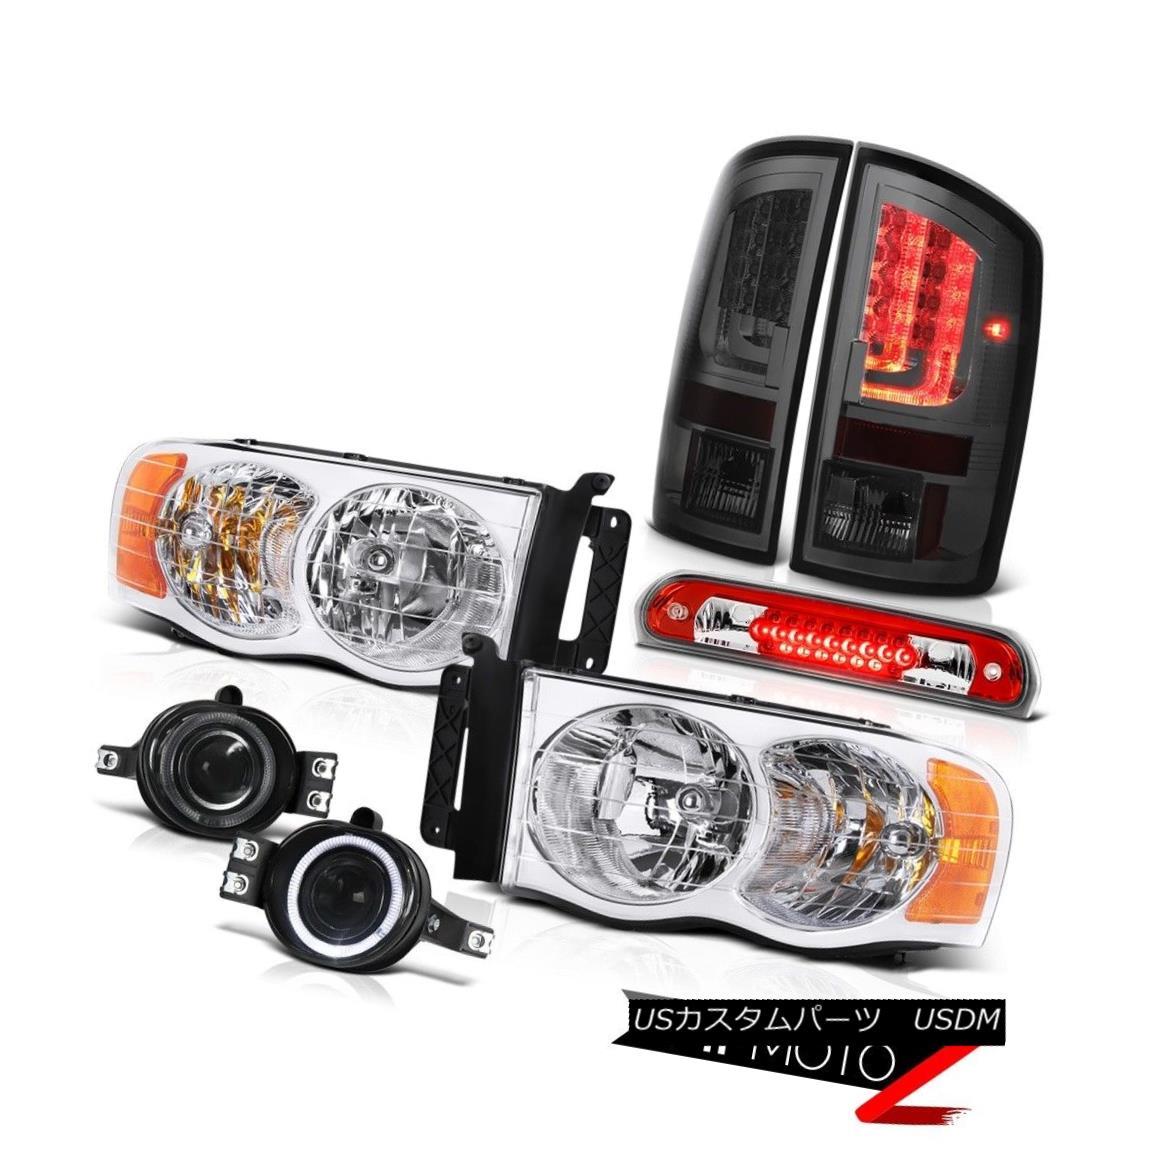 テールライト 02-05 Dodge Ram 2500 3500 ST Taillamps Headlamps Foglights Third Brake Lamp LED 02-05 Dodge Ram 2500 3500 ST Taillampsヘッドランプフォグライト第3ブレーキランプ